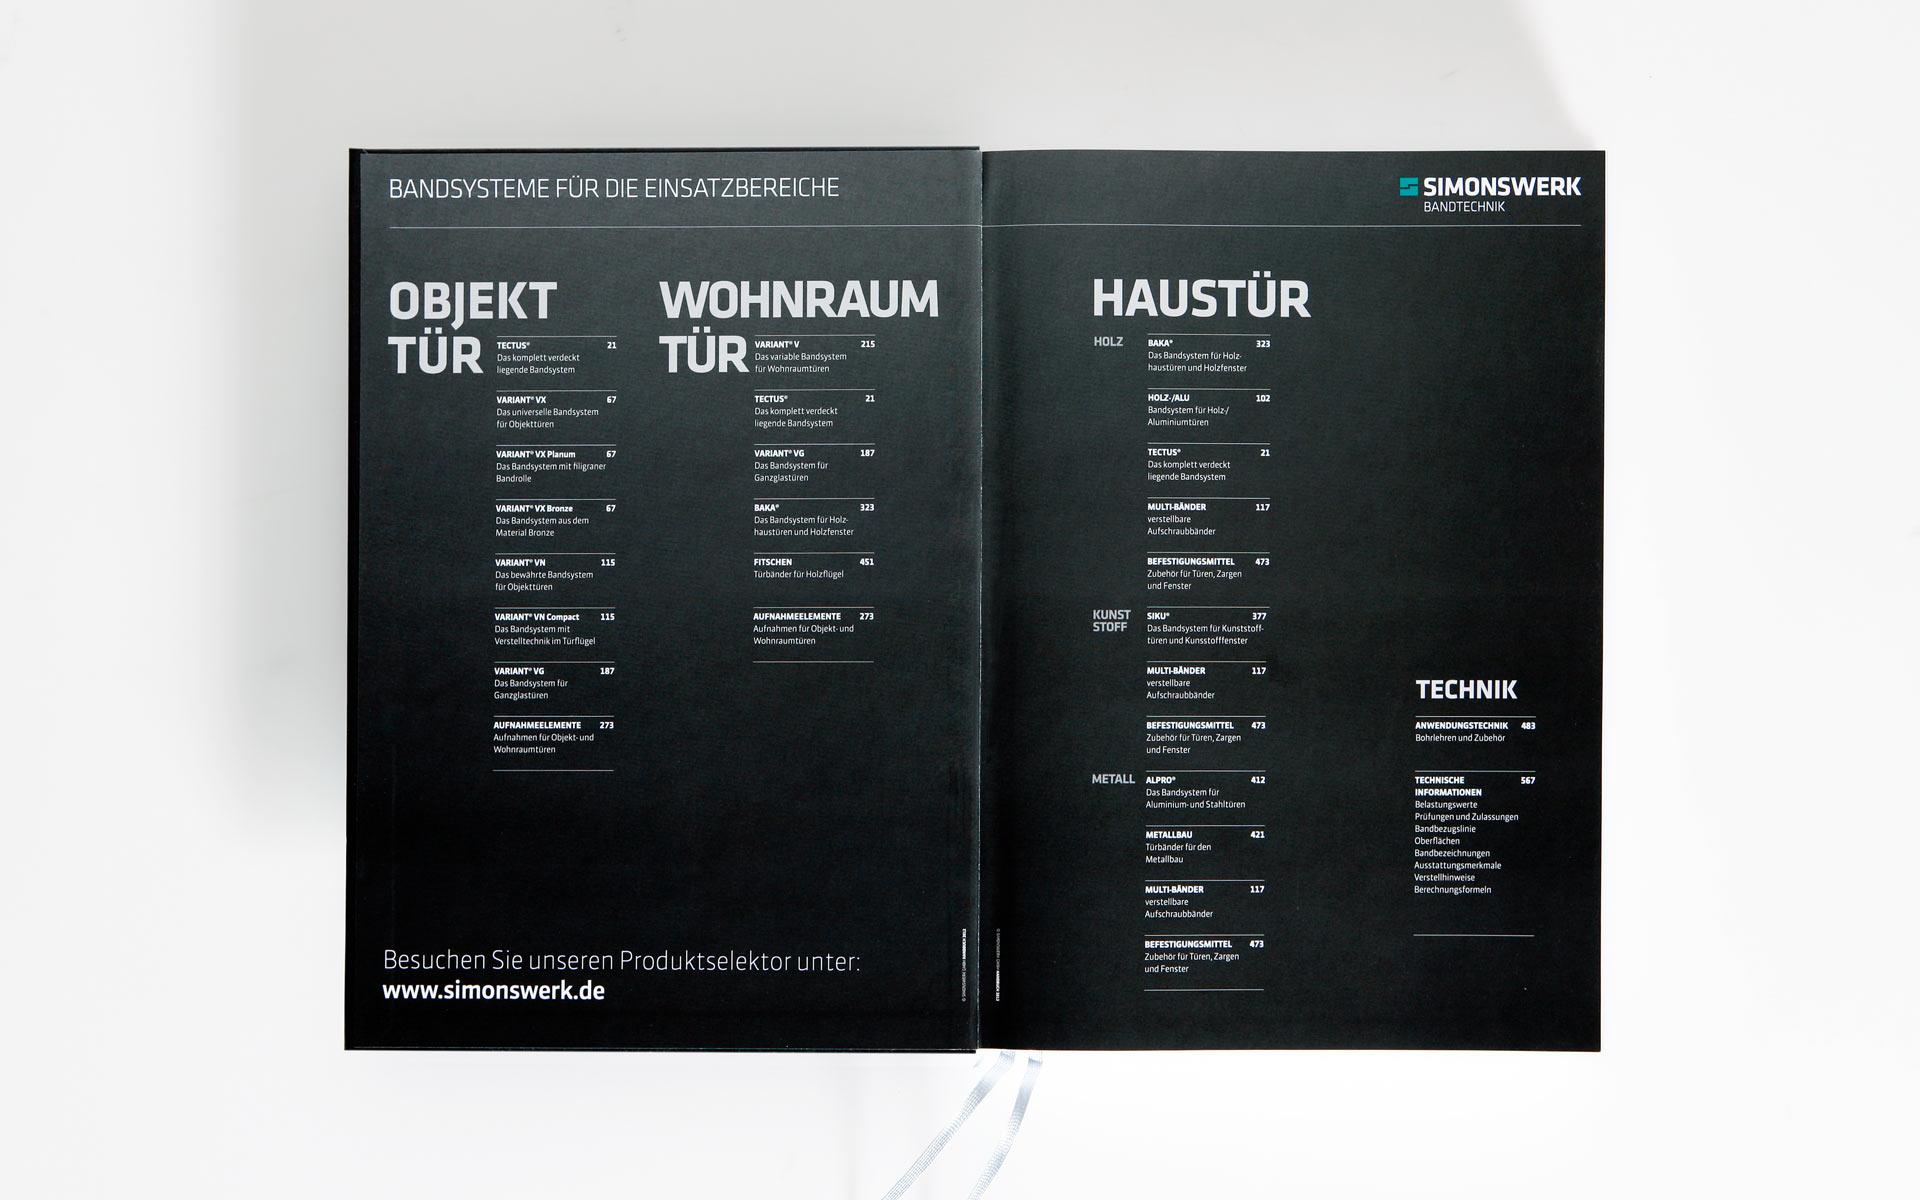 Simonswerk Kompendium 2012, Handbuch, Doppelseite, Index der Einsatzbereiche